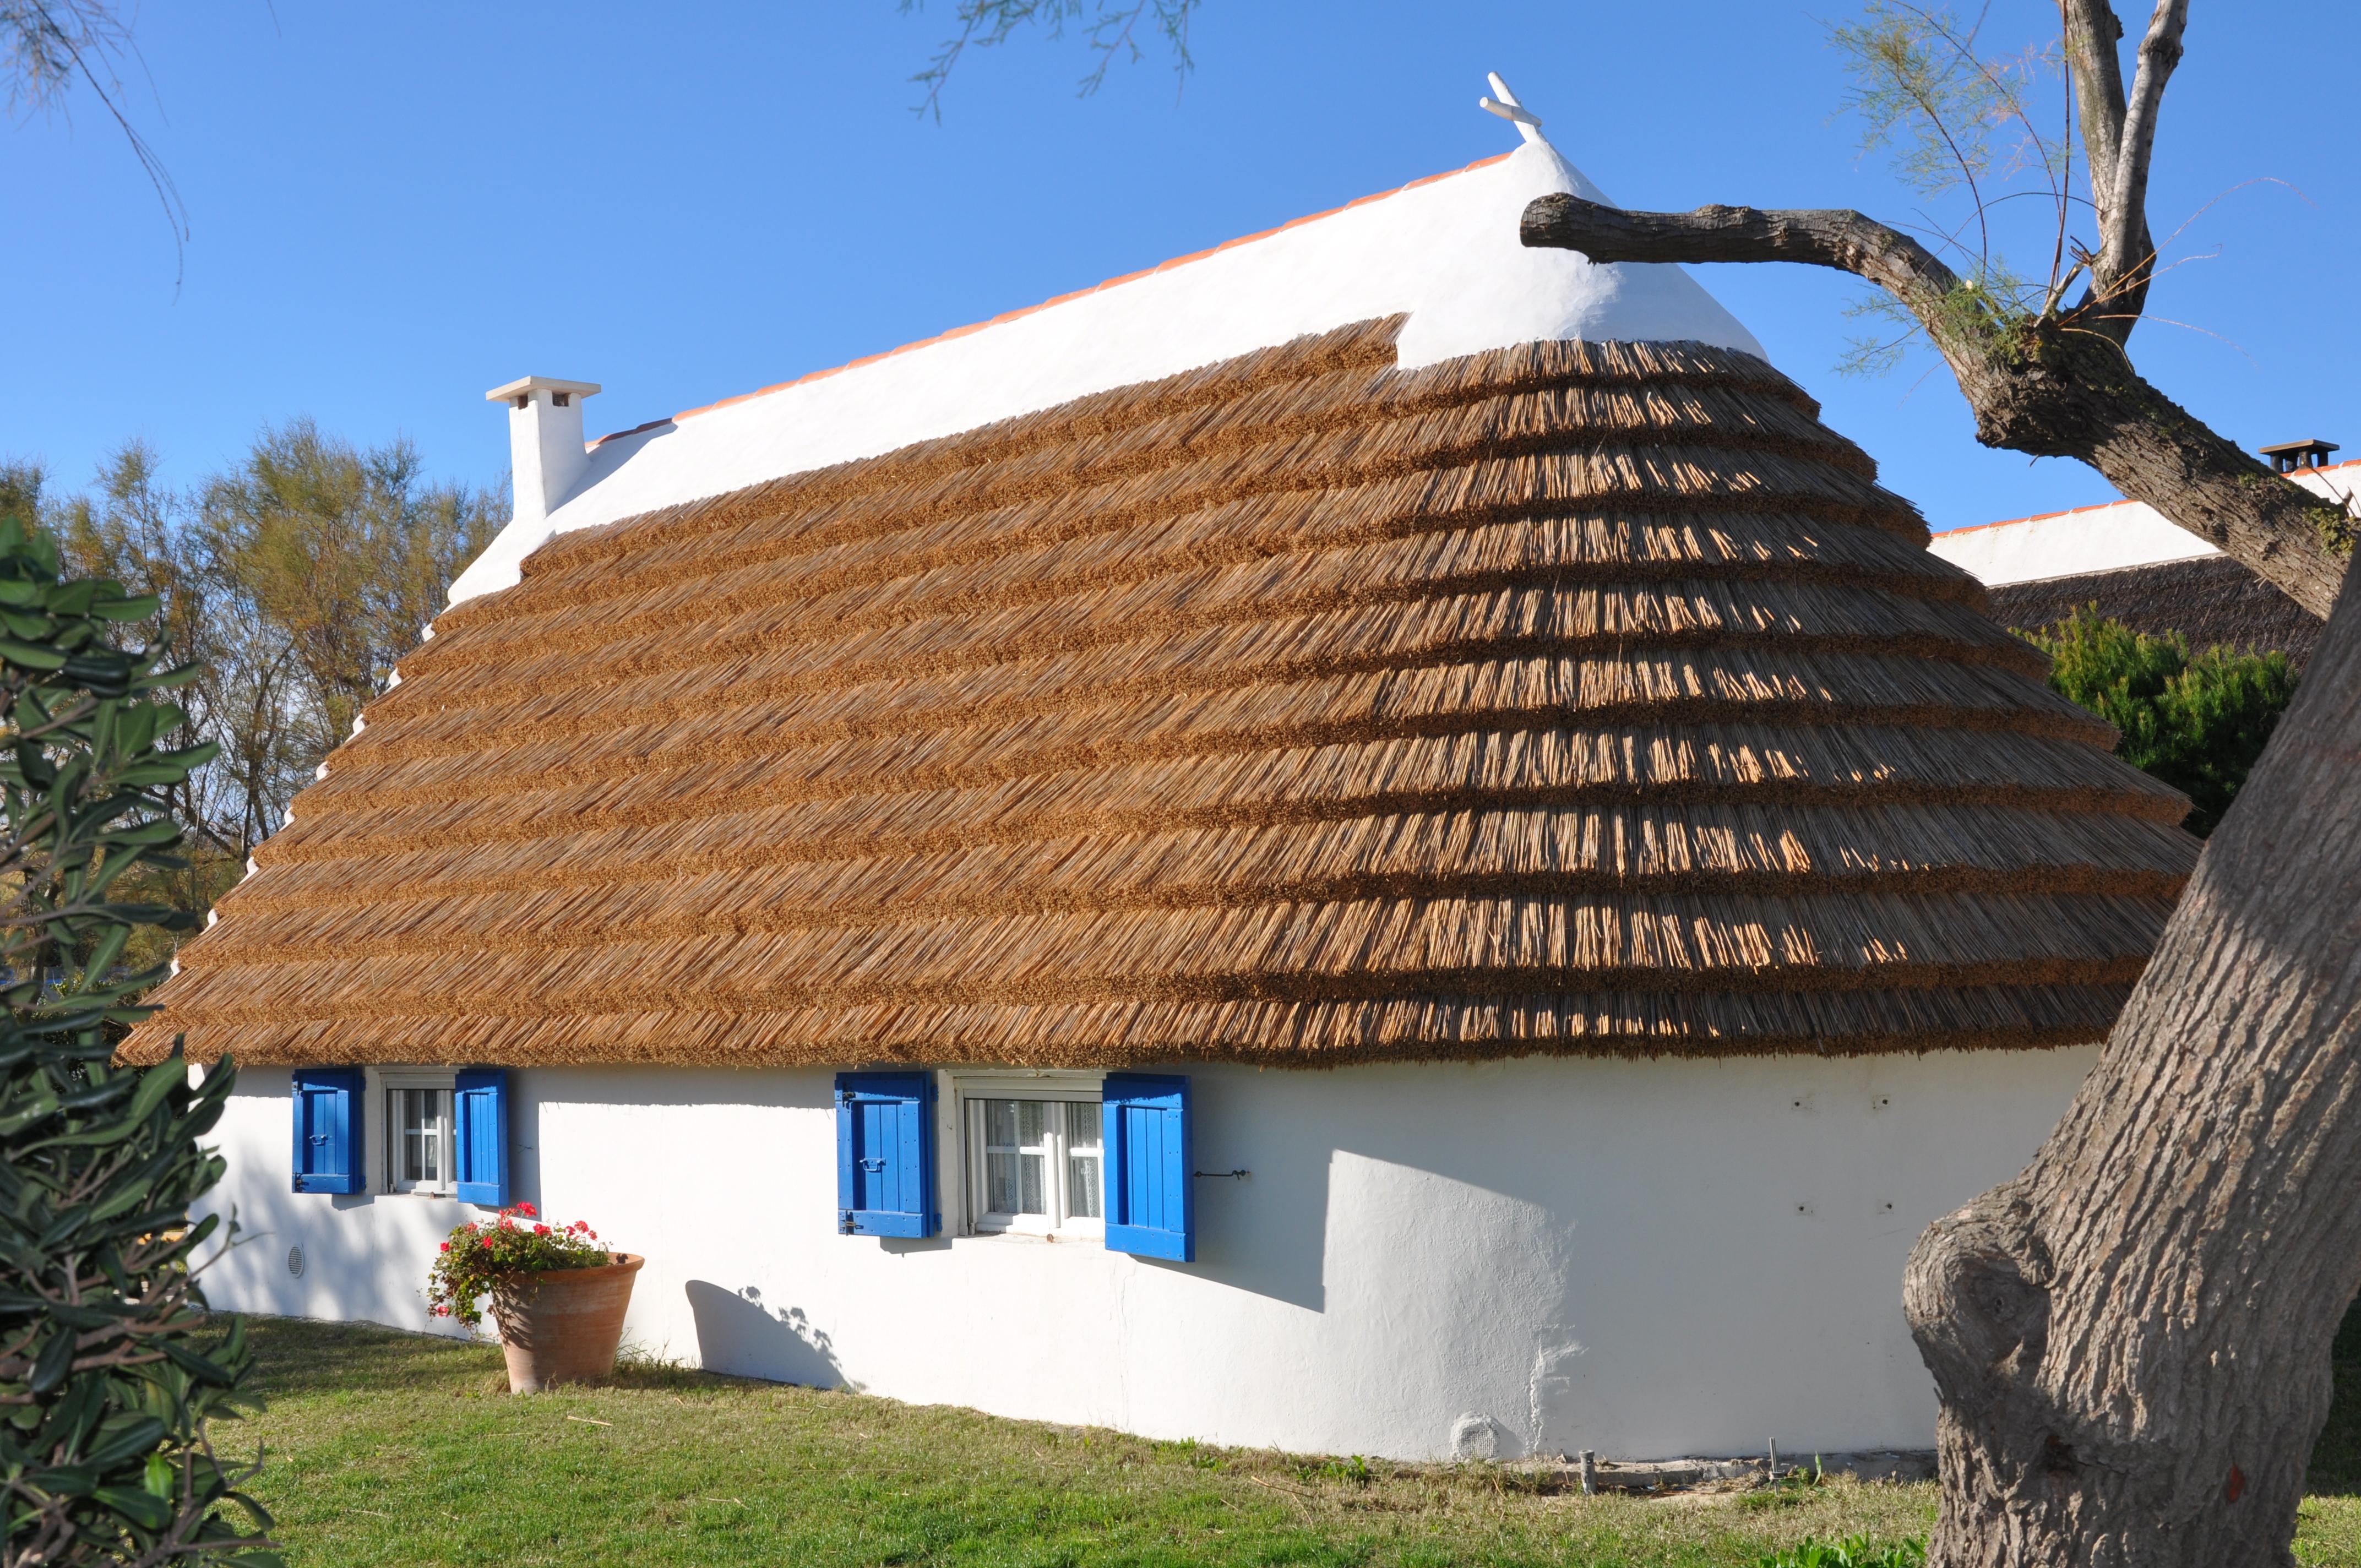 La camargue office de tourisme maussane les alpilles - Office de tourisme maussane les alpilles ...